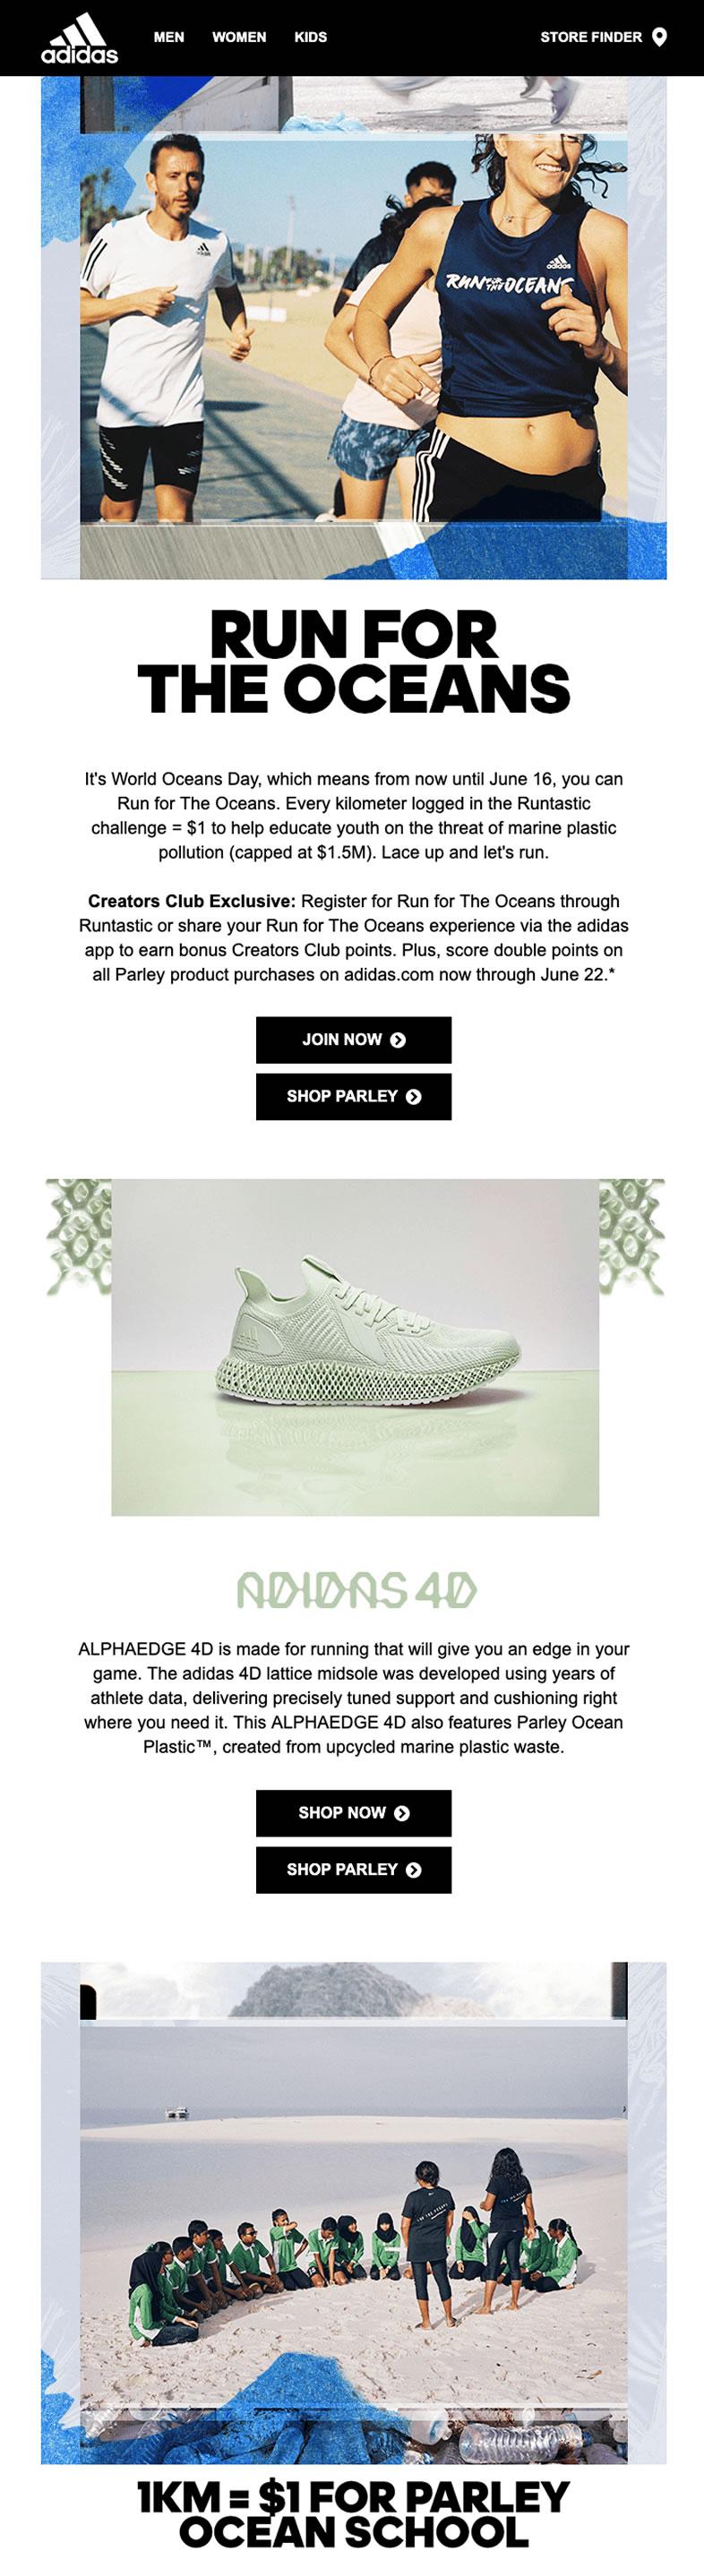 Big data en campañas de email marketing: Adidas